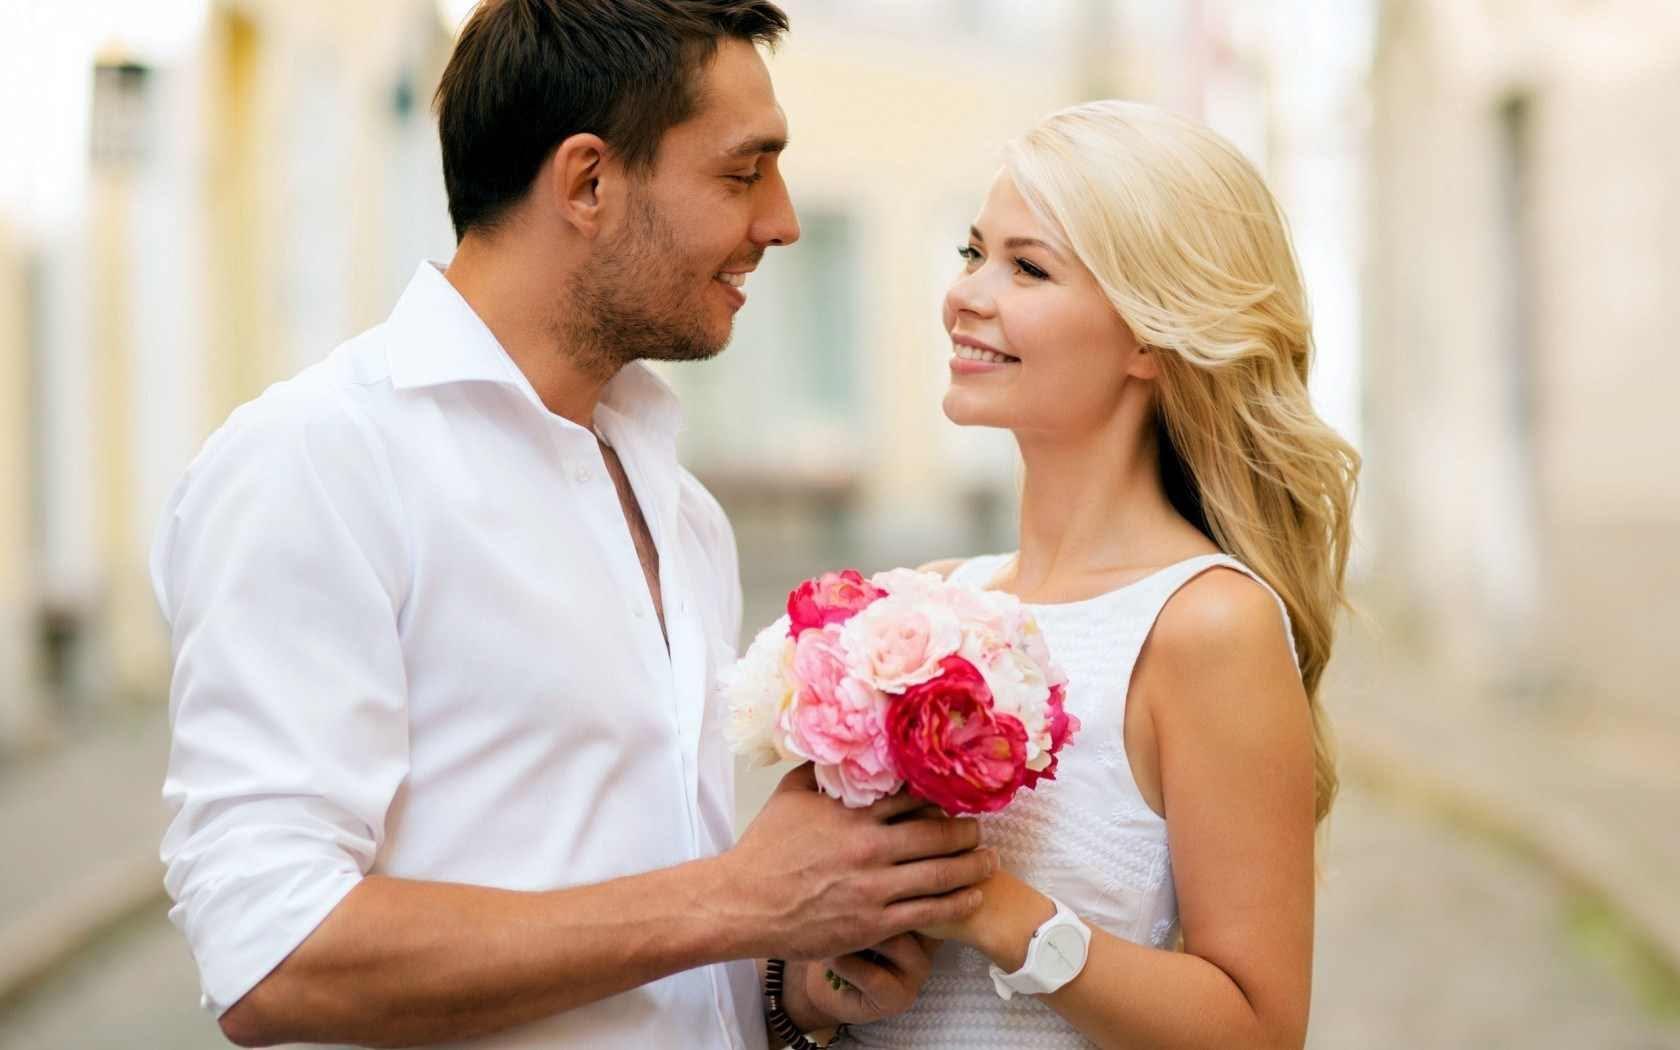 صور ماذا تحب المراة في جسم الرجل , اكتشف ما تحبه المراه في جسم الرجل